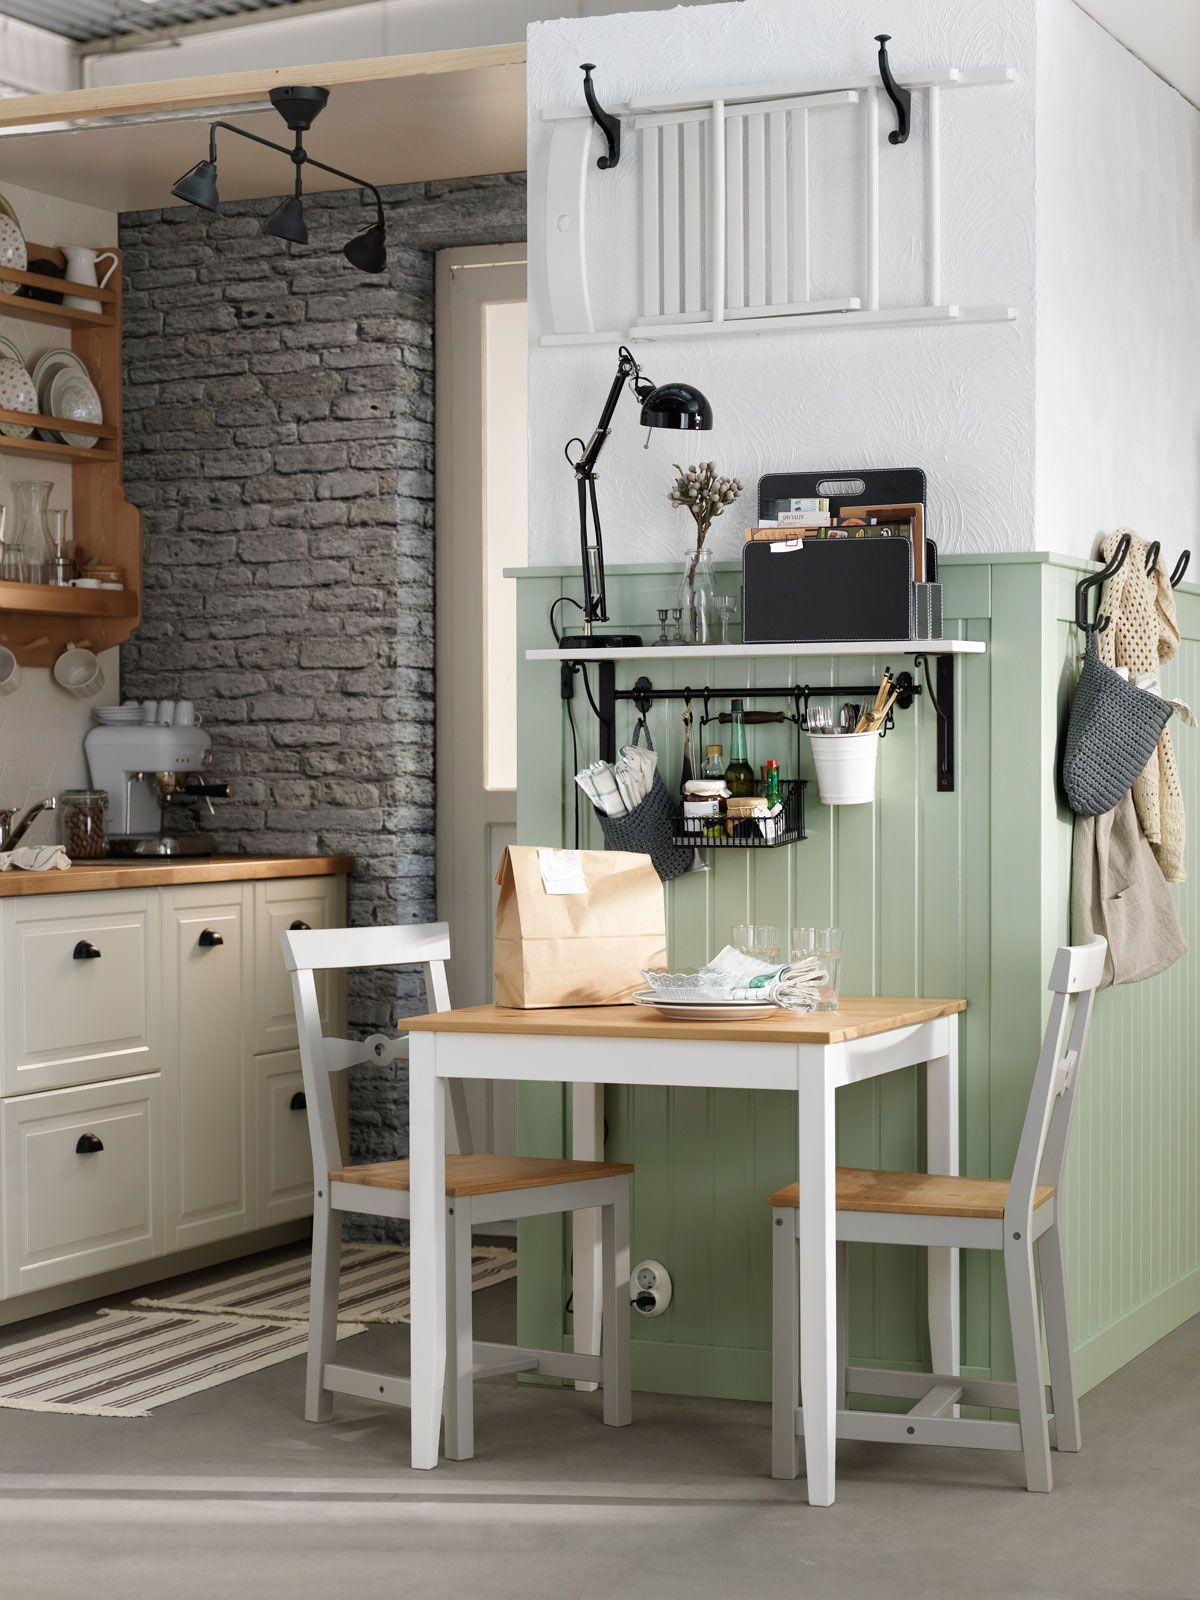 Tavolino Per Balcone Ikea tavoli piccoli, rotondi o quadrati, per tutti gli ambienti